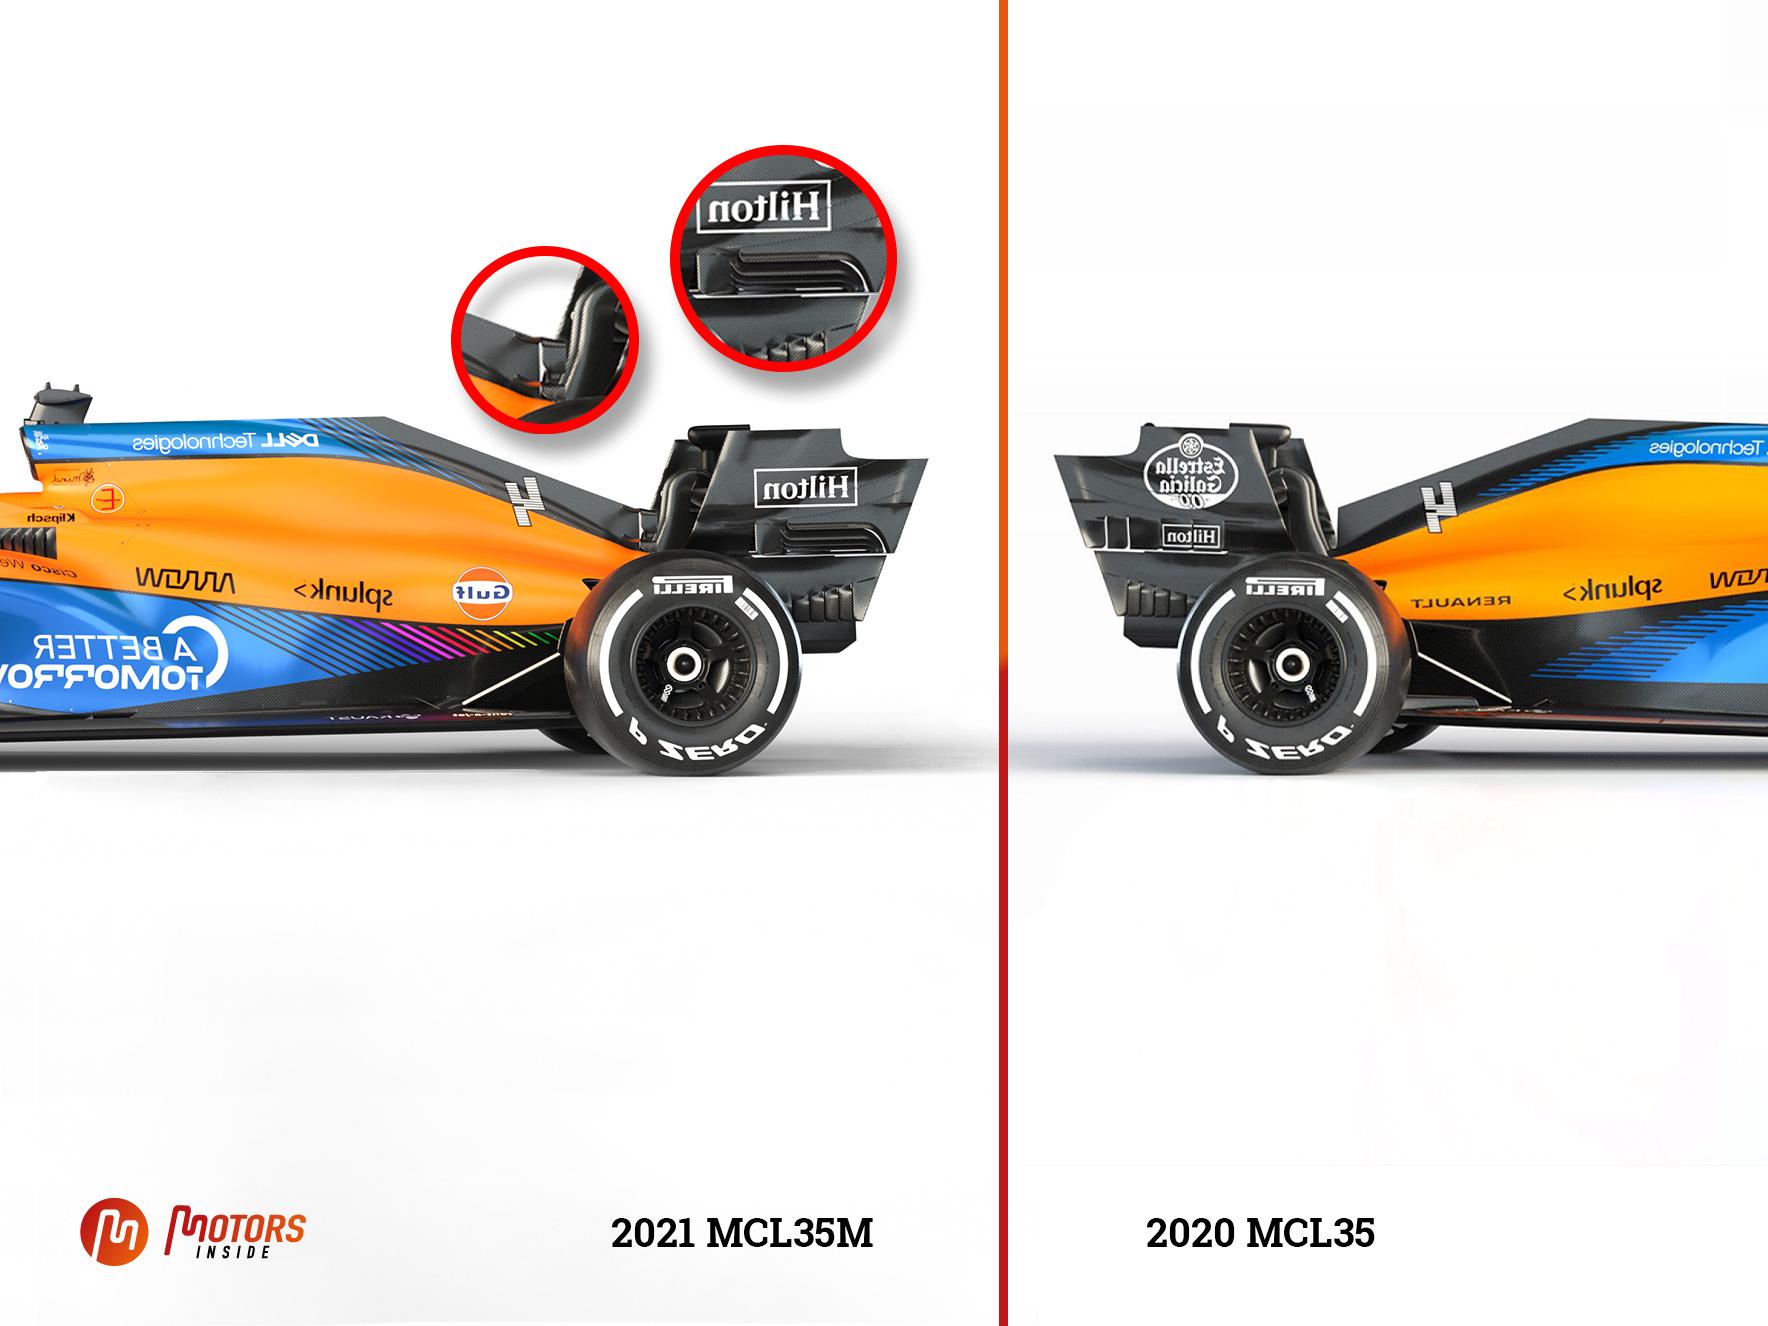 Comparaison de l'arrière des McLaren MCL35M de 2021 et MCL35 de 2020